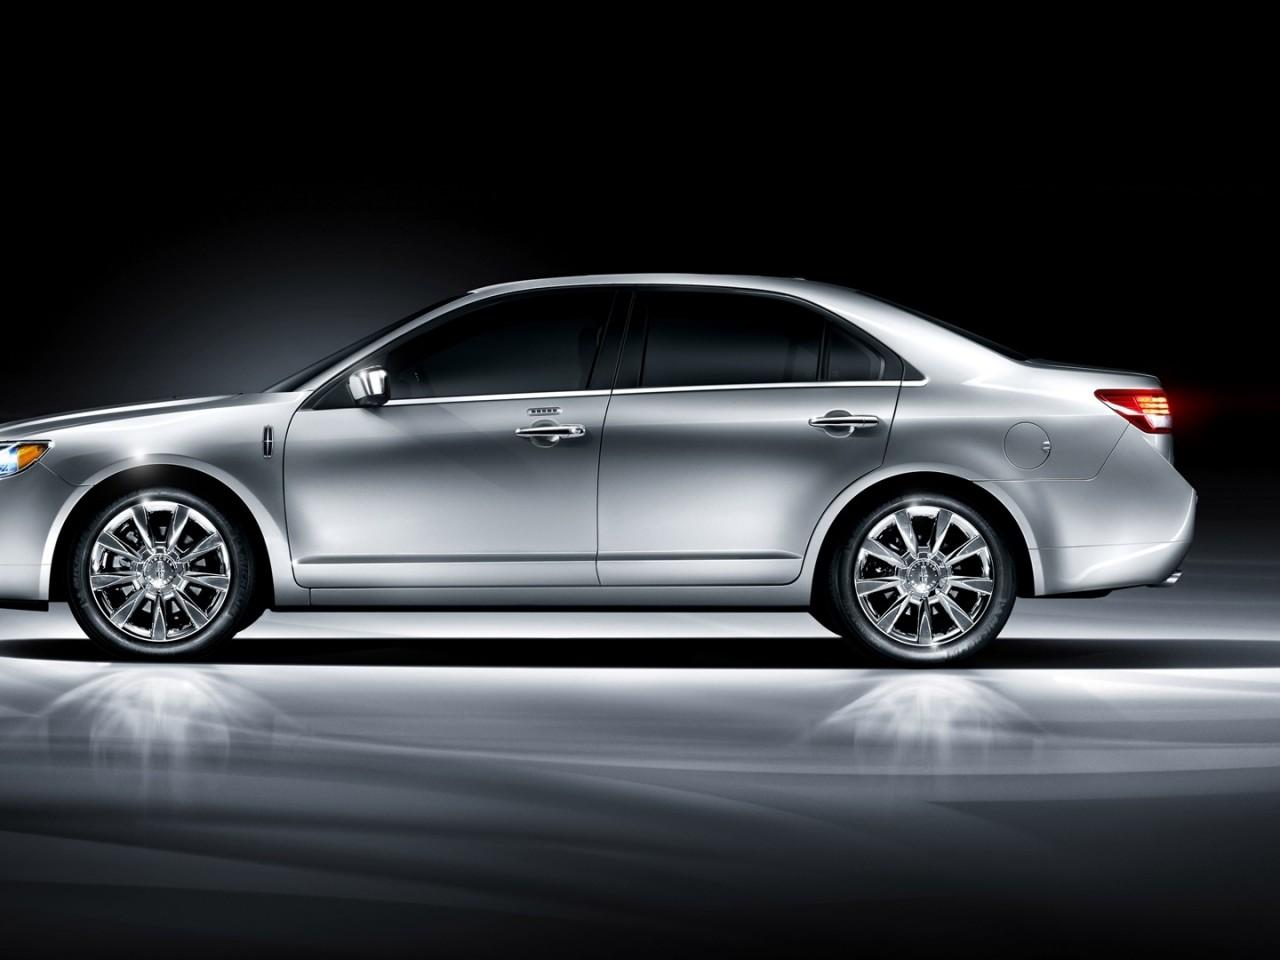 Luxury car wallpaper - HD Wallpapers